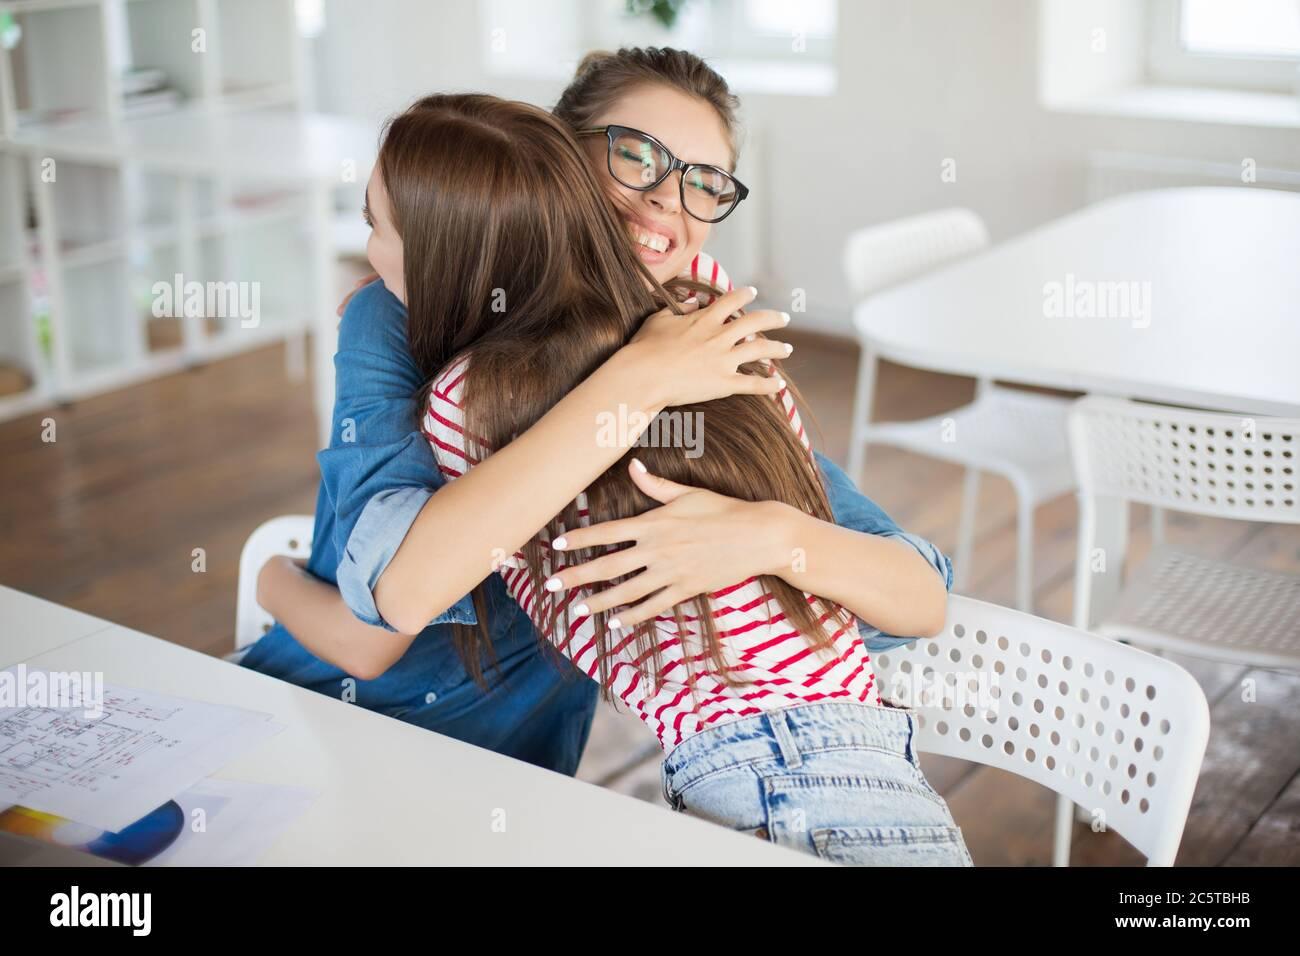 Фото девушек во время работы девушка модель работы с неблагополучными семьями